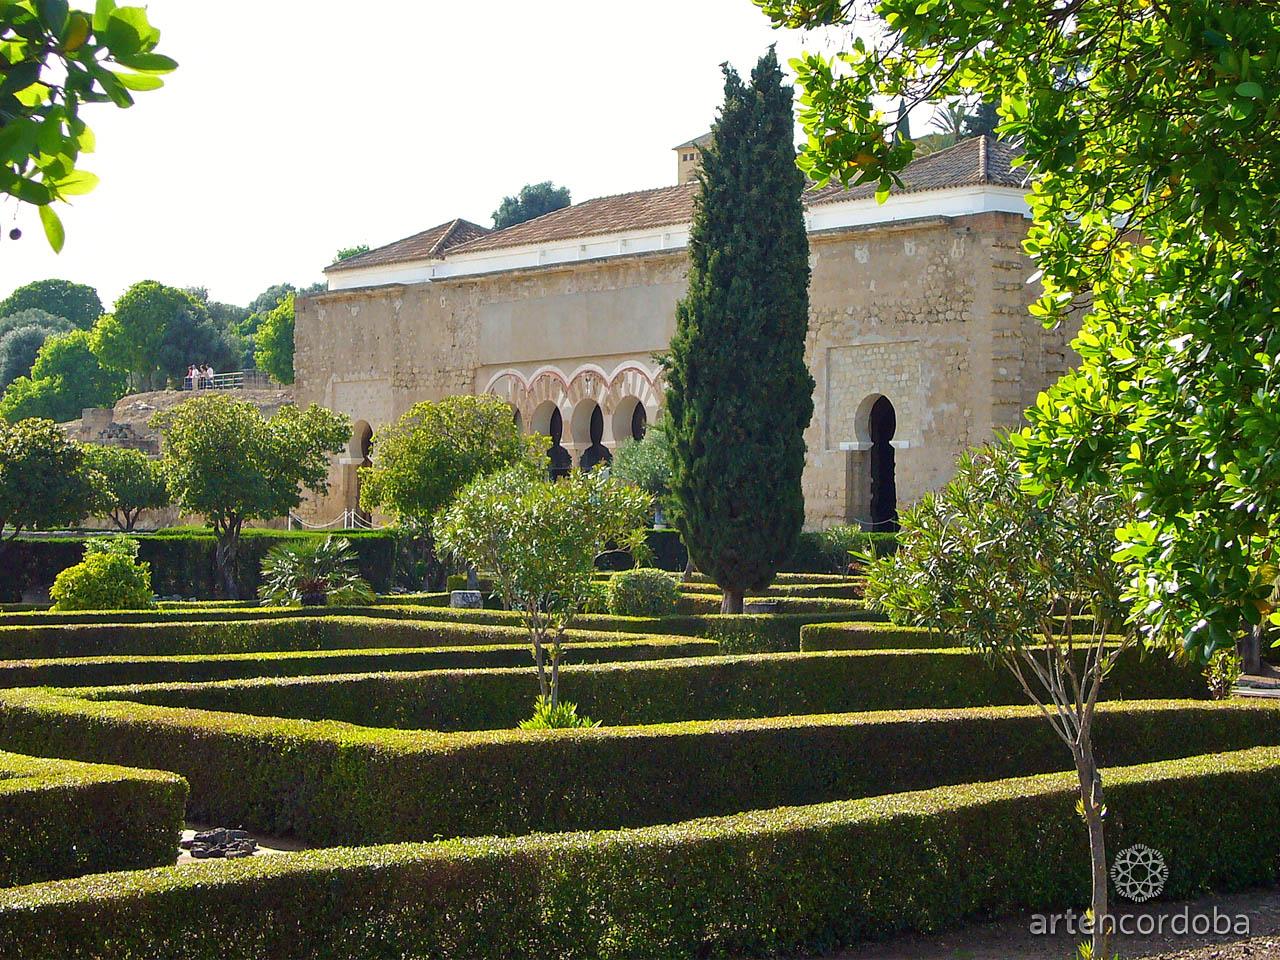 El 'Jardín Alto' está situado frente al Salón Rico de Medina Azahara